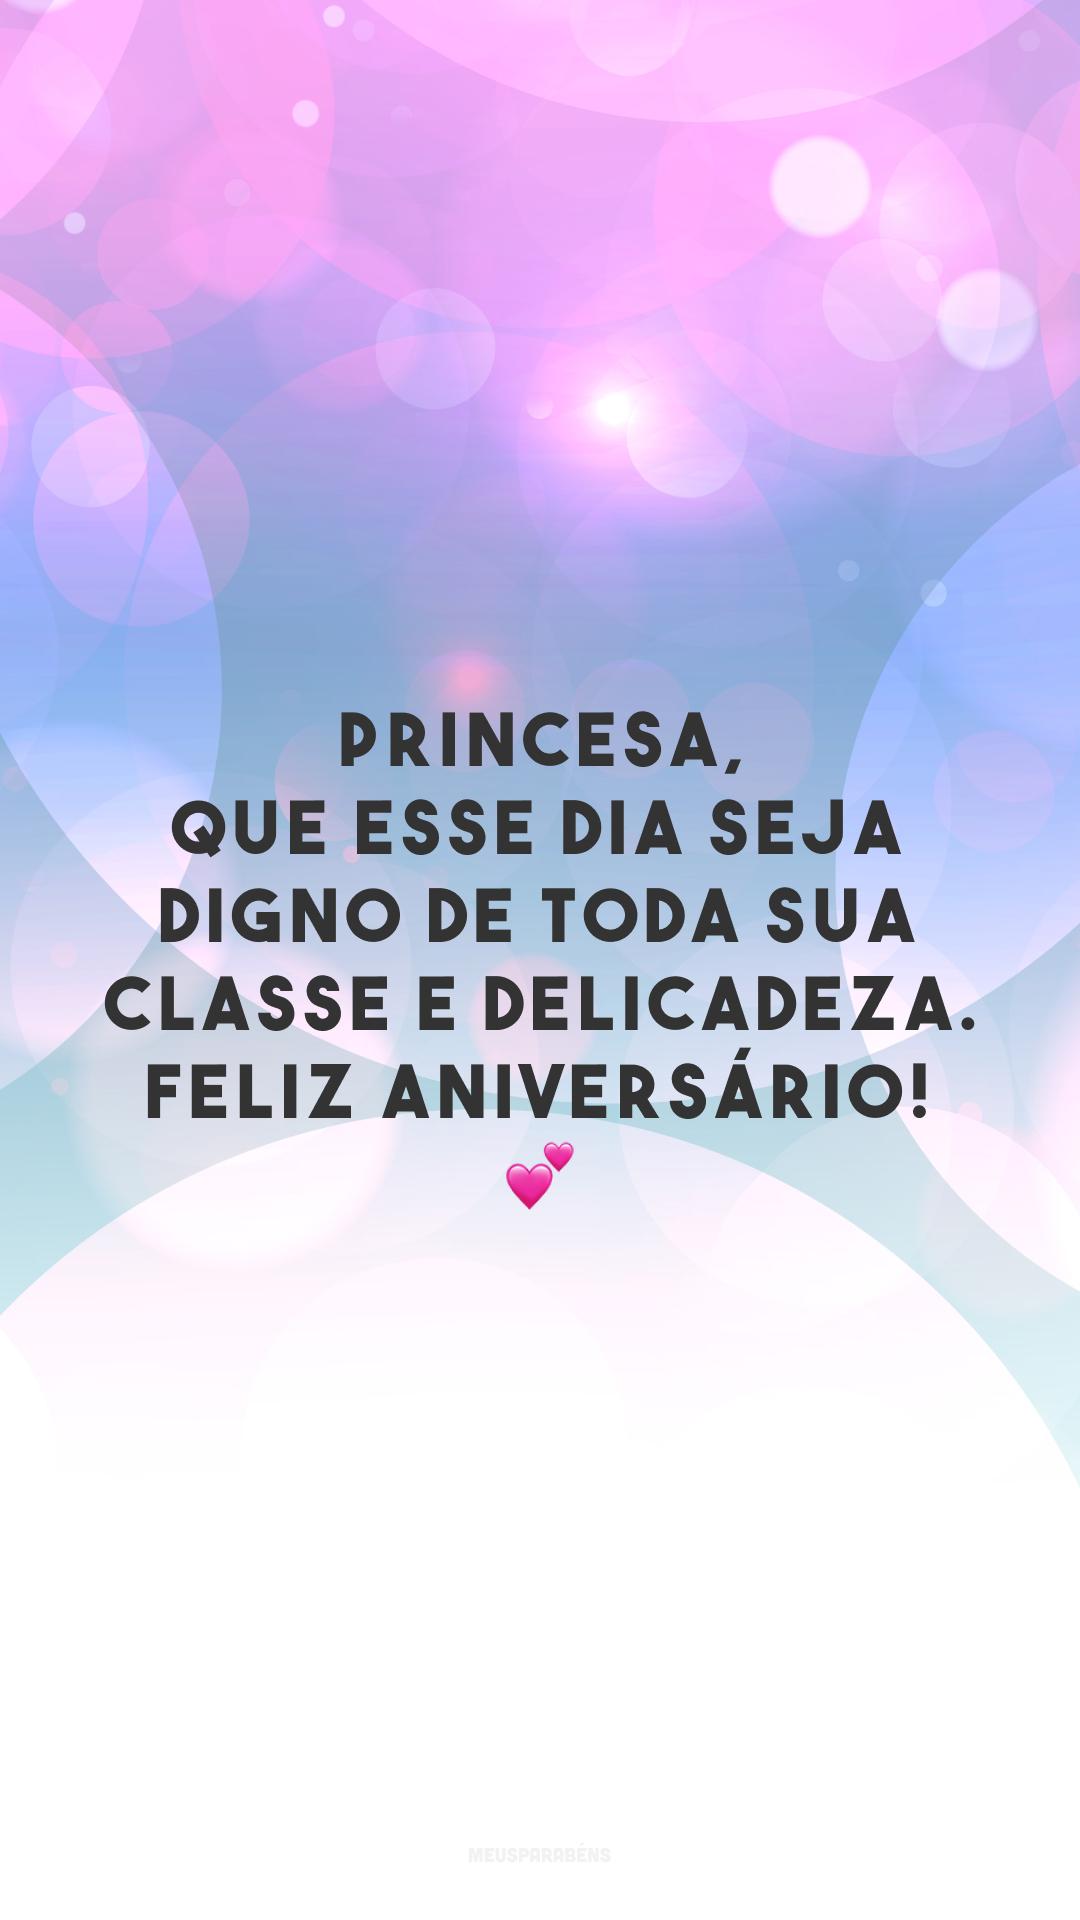 Princesa, que esse dia seja digno de toda sua classe e delicadeza. Feliz aniversário! 💕